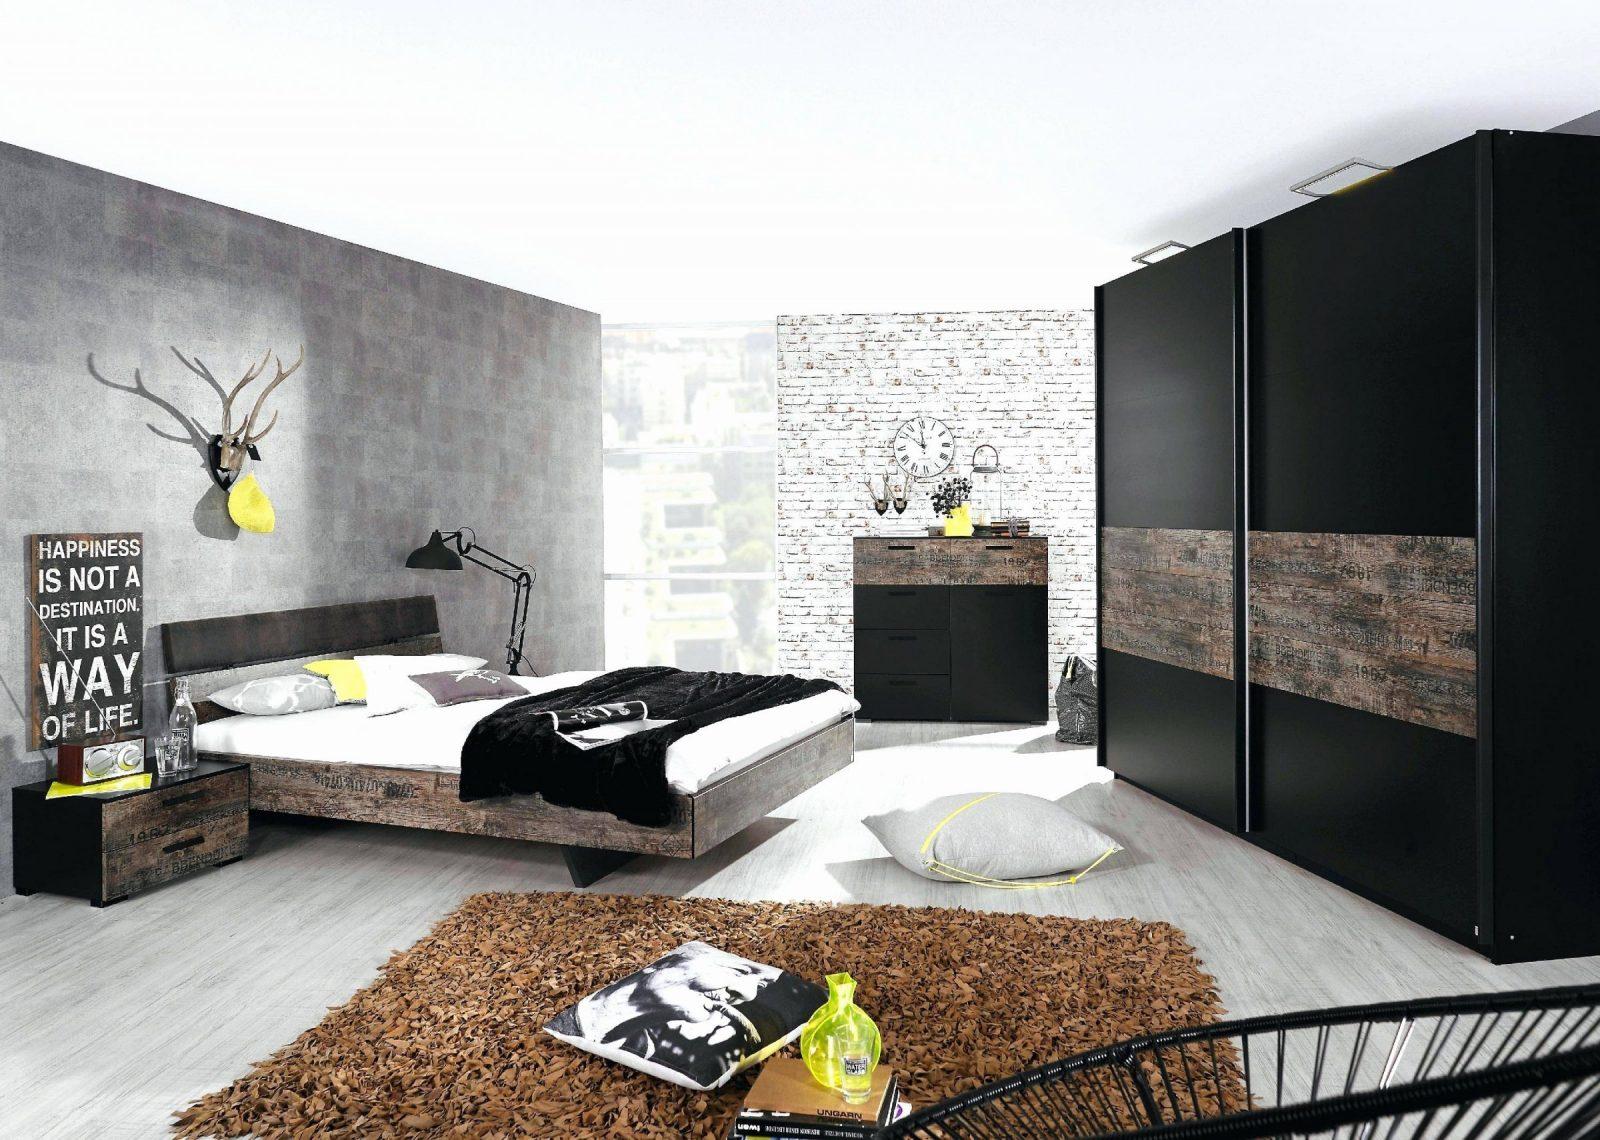 13 Qm Zimmer Einrichten Mit Best 37 Ebenbild 13 Qm Zimmer Einrichten von 13 Qm Zimmer Einrichten Bild